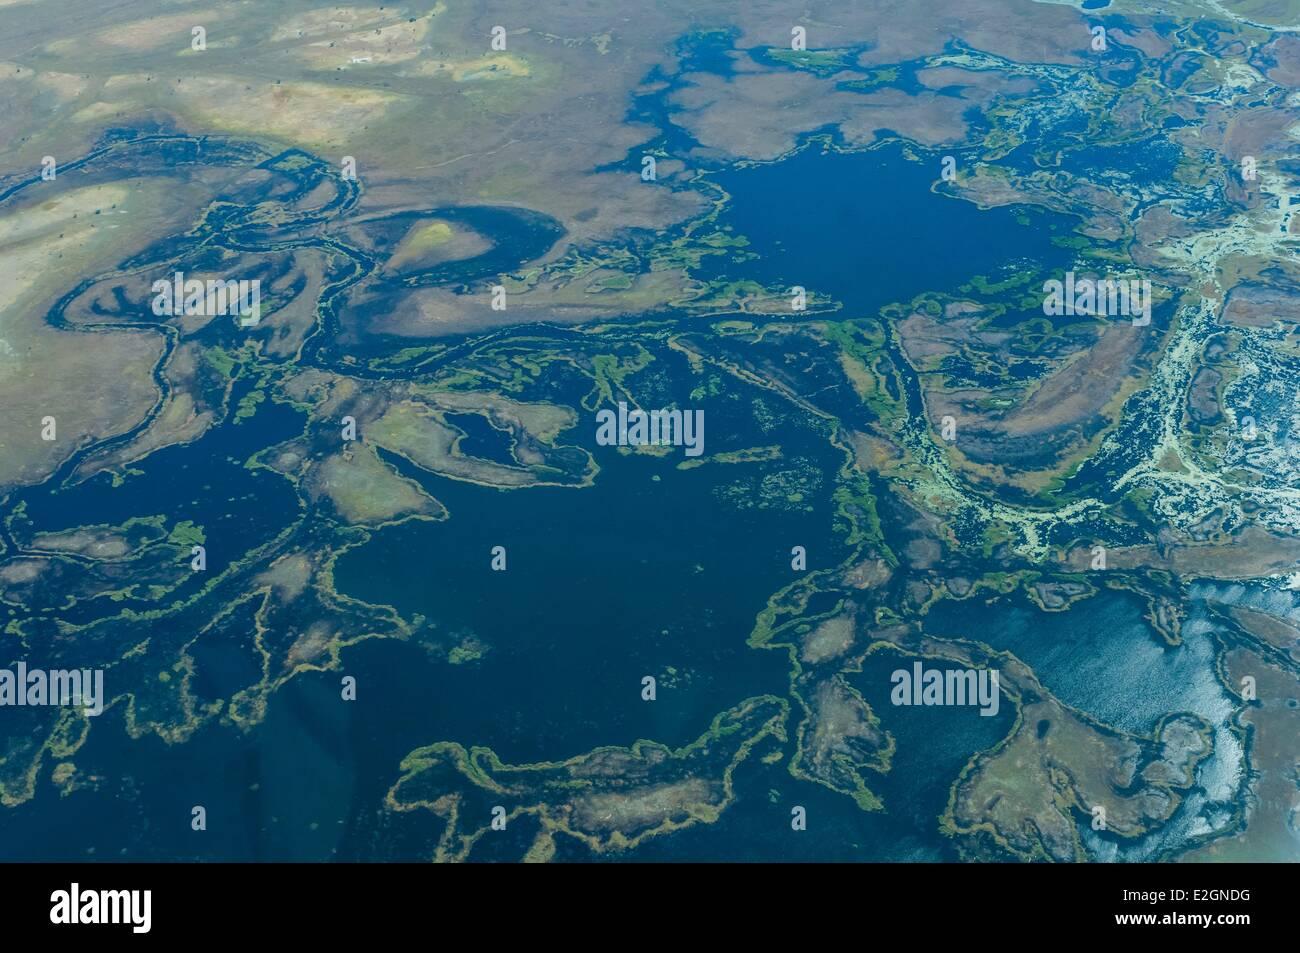 Botswana North West District Linyanti swamps and Zamezi river flight between Savuti and Kasane - Stock Image